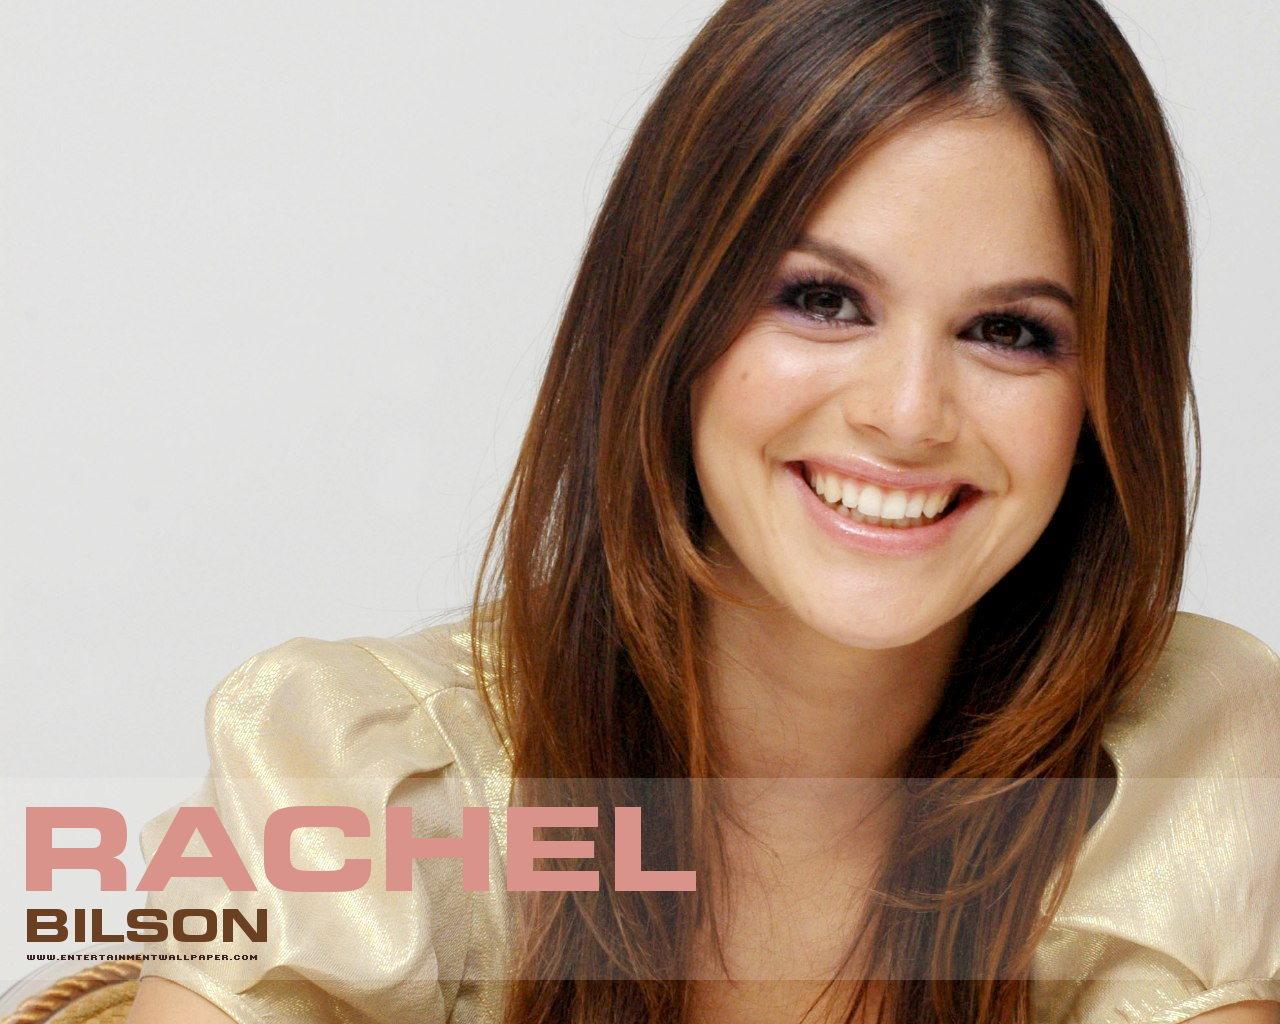 http://4.bp.blogspot.com/-bjQy8nE9noc/T6BrlMUCDGI/AAAAAAAACkc/H2bUVvtxoOQ/s1600/Rachel+Bilson+wallpapers+9.jpg